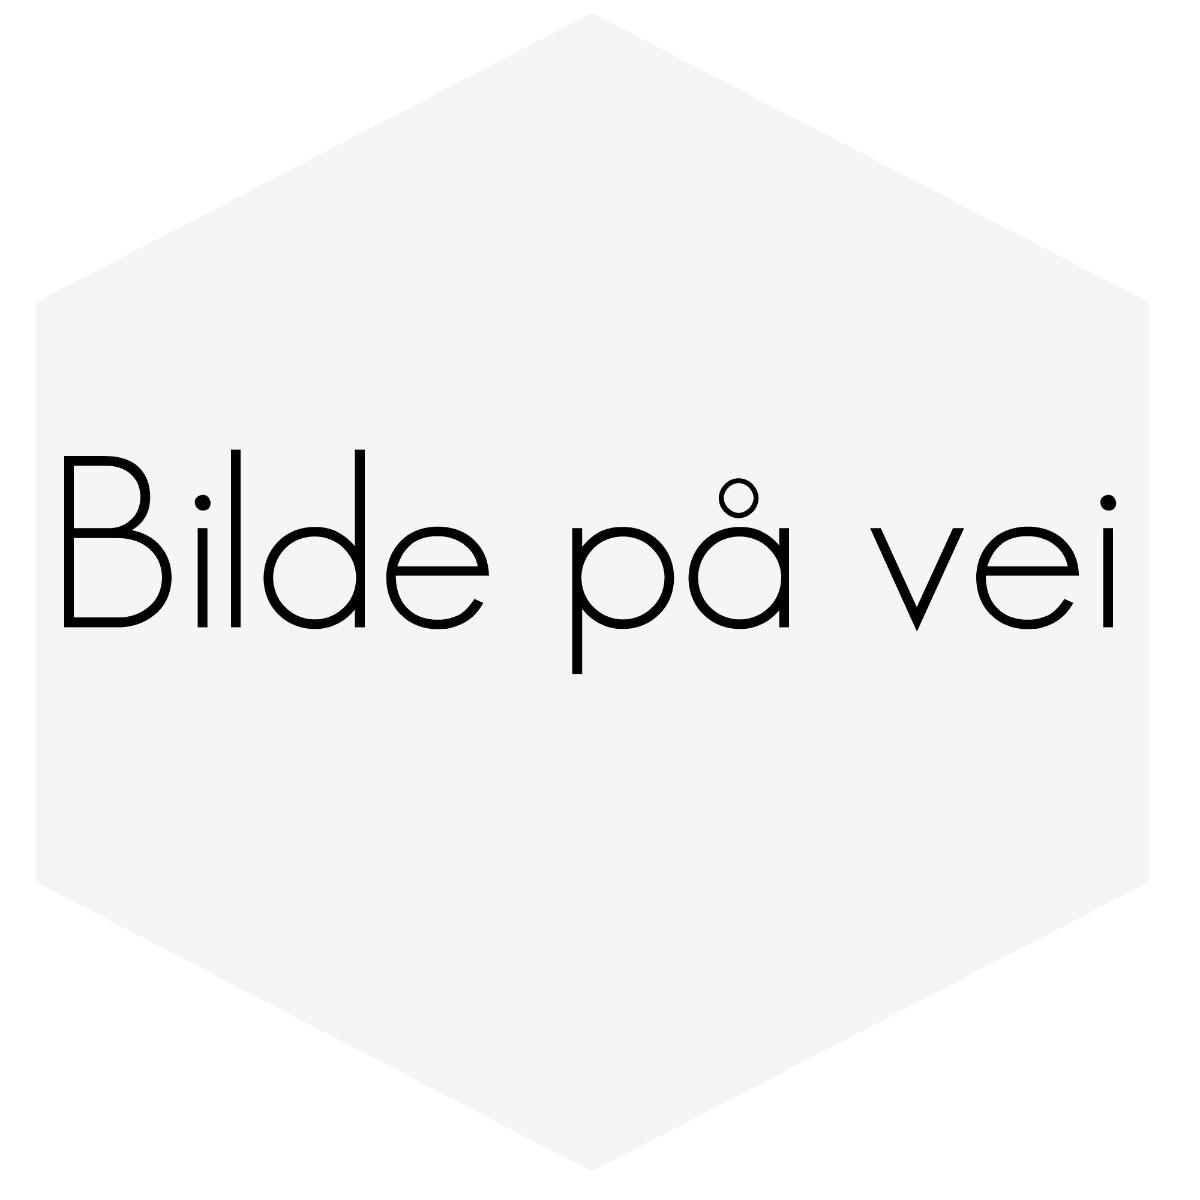 ØYELOKK / LYKTSPOILER 940 TYPE MED LITEN KNEKK NED VED GRILL